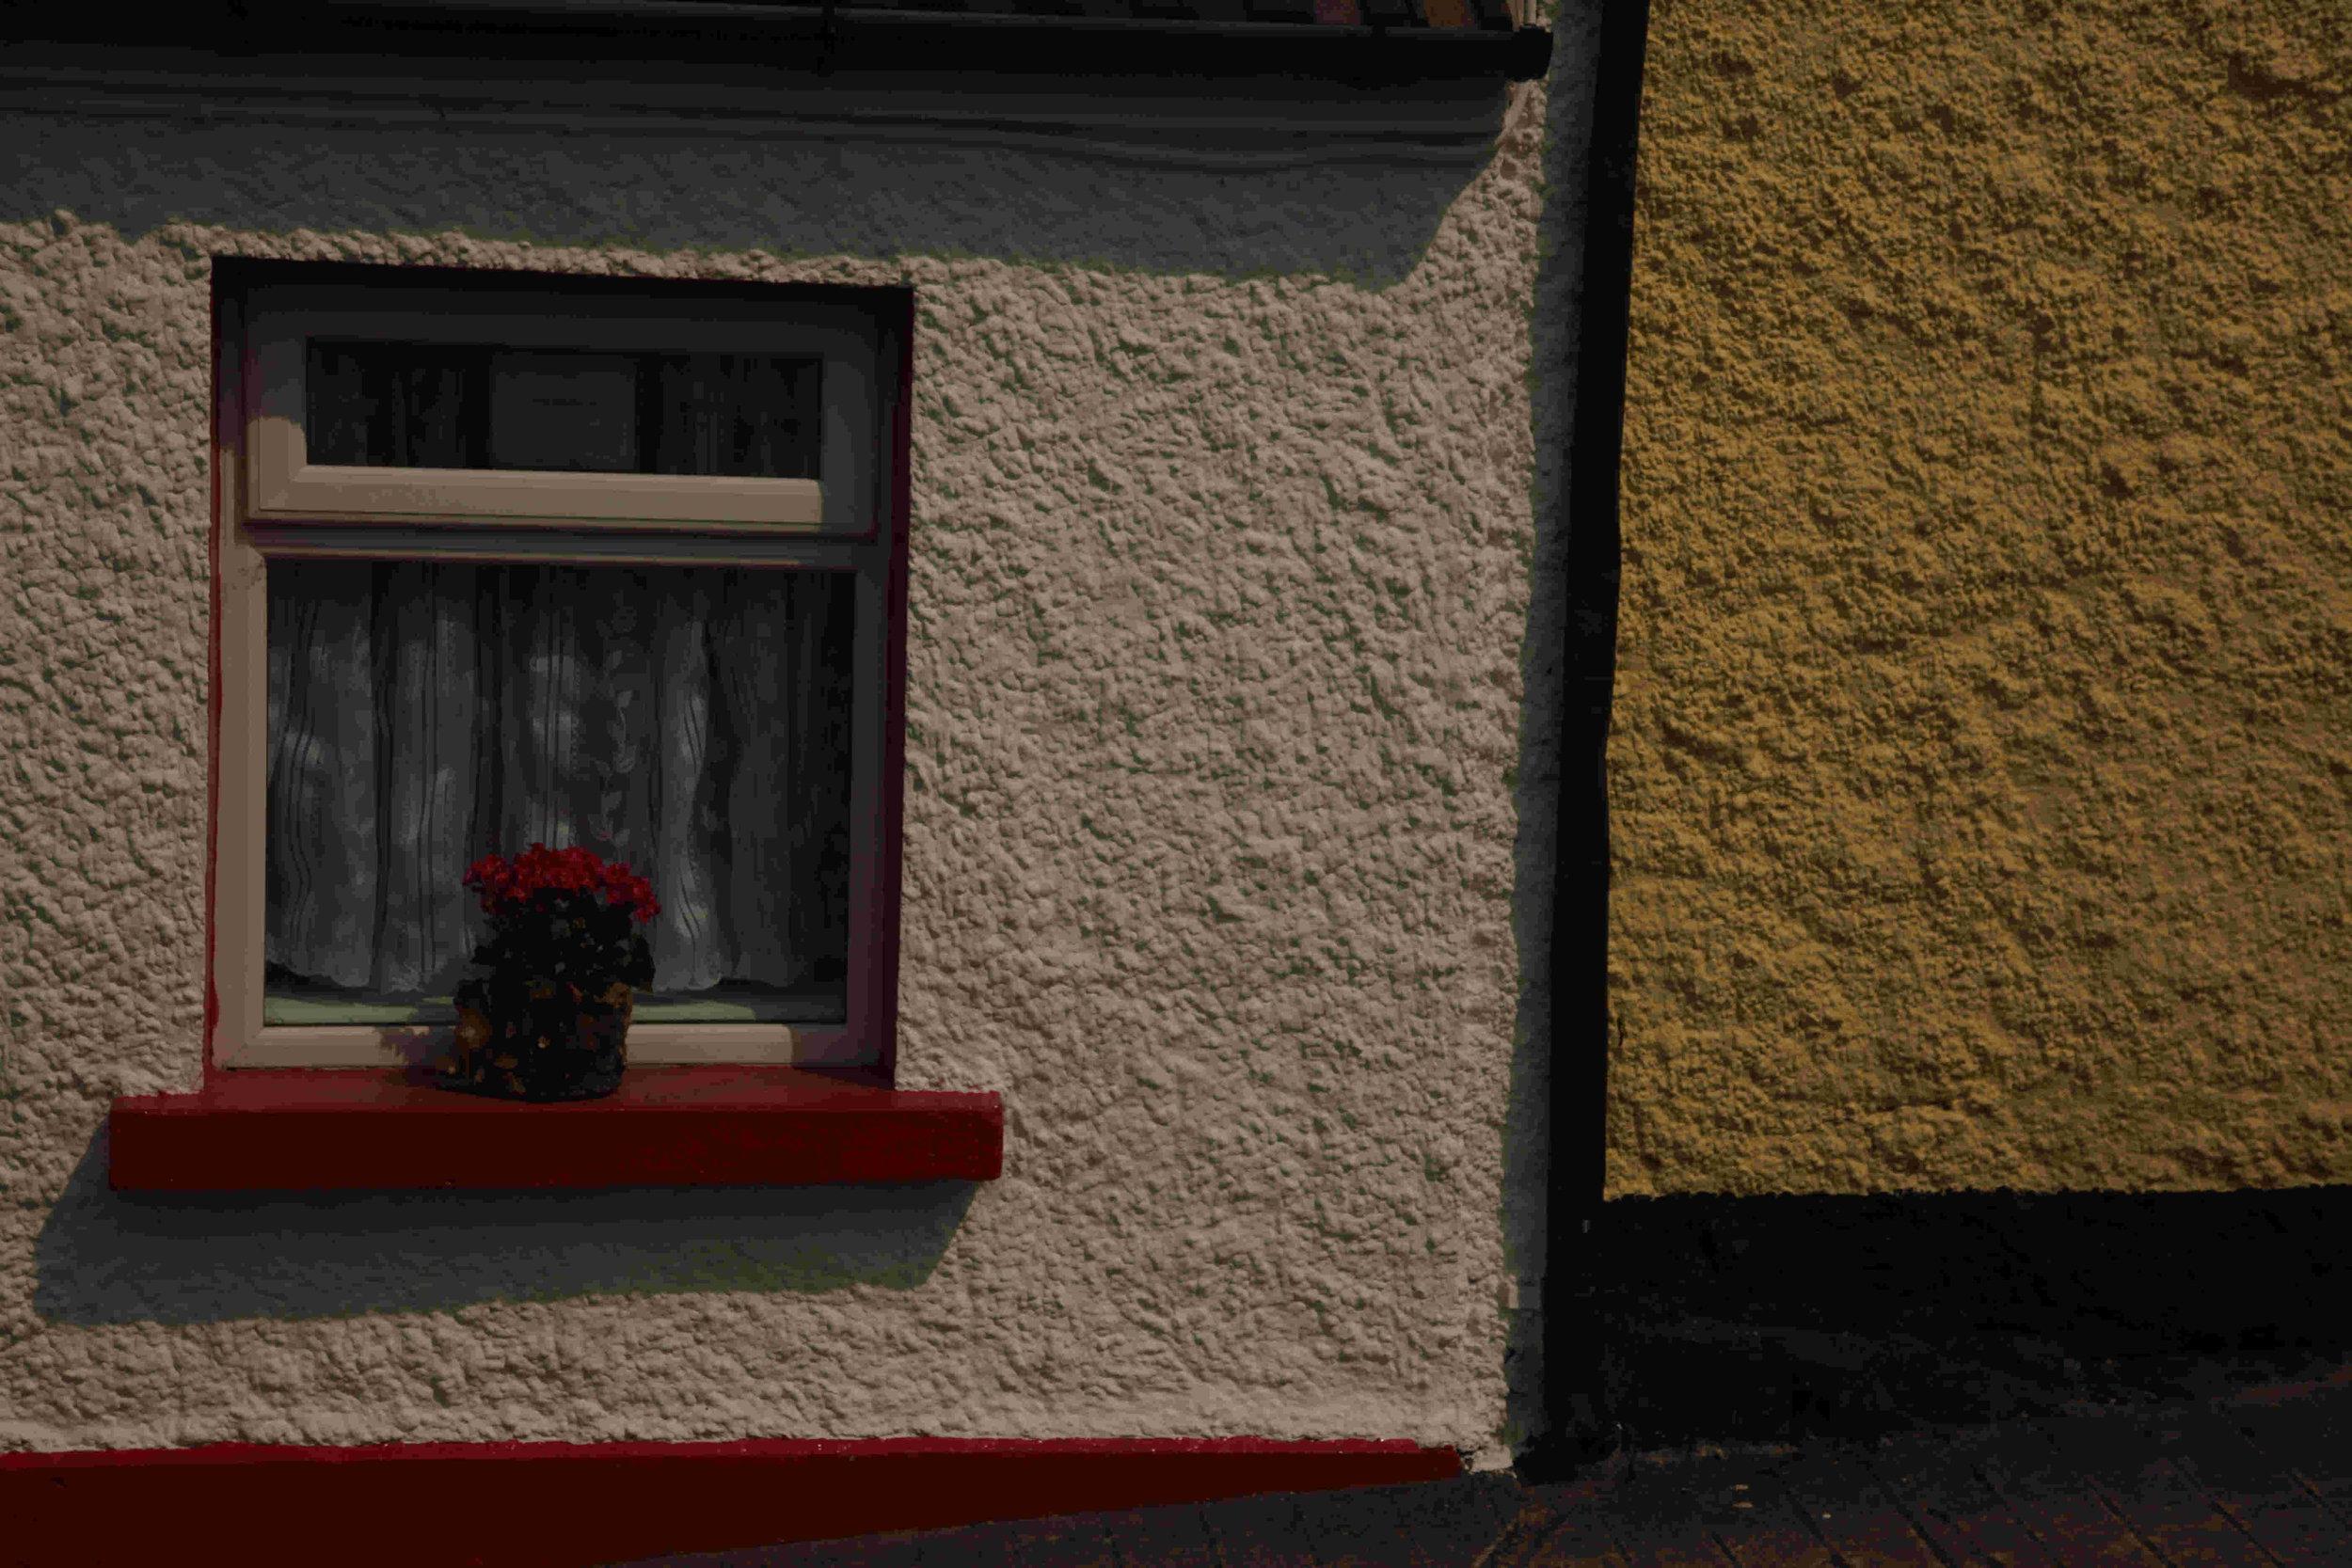 Window sill, Spain